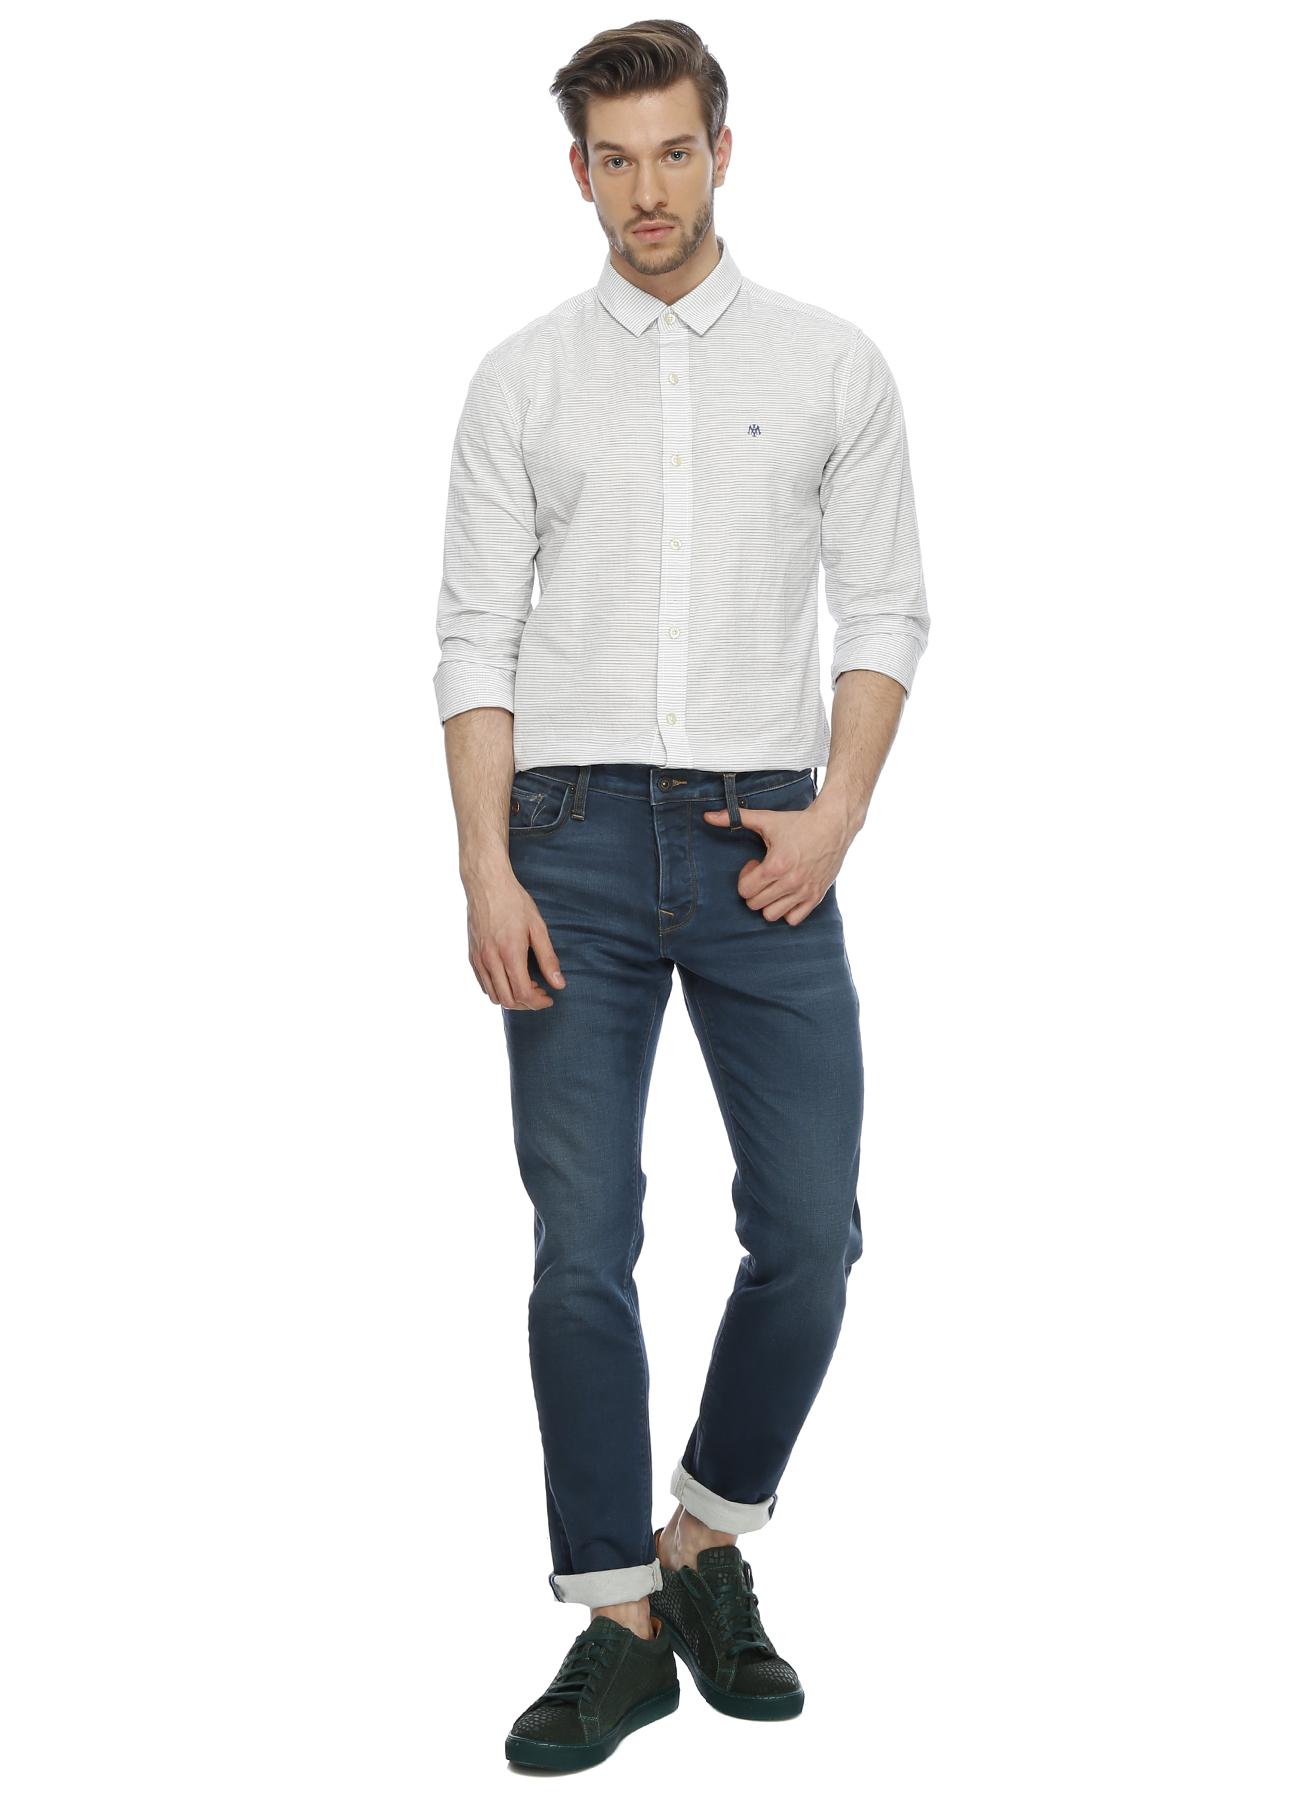 Loft İndigo Klasik Pantolon 31-30 5000196841005 Ürün Resmi